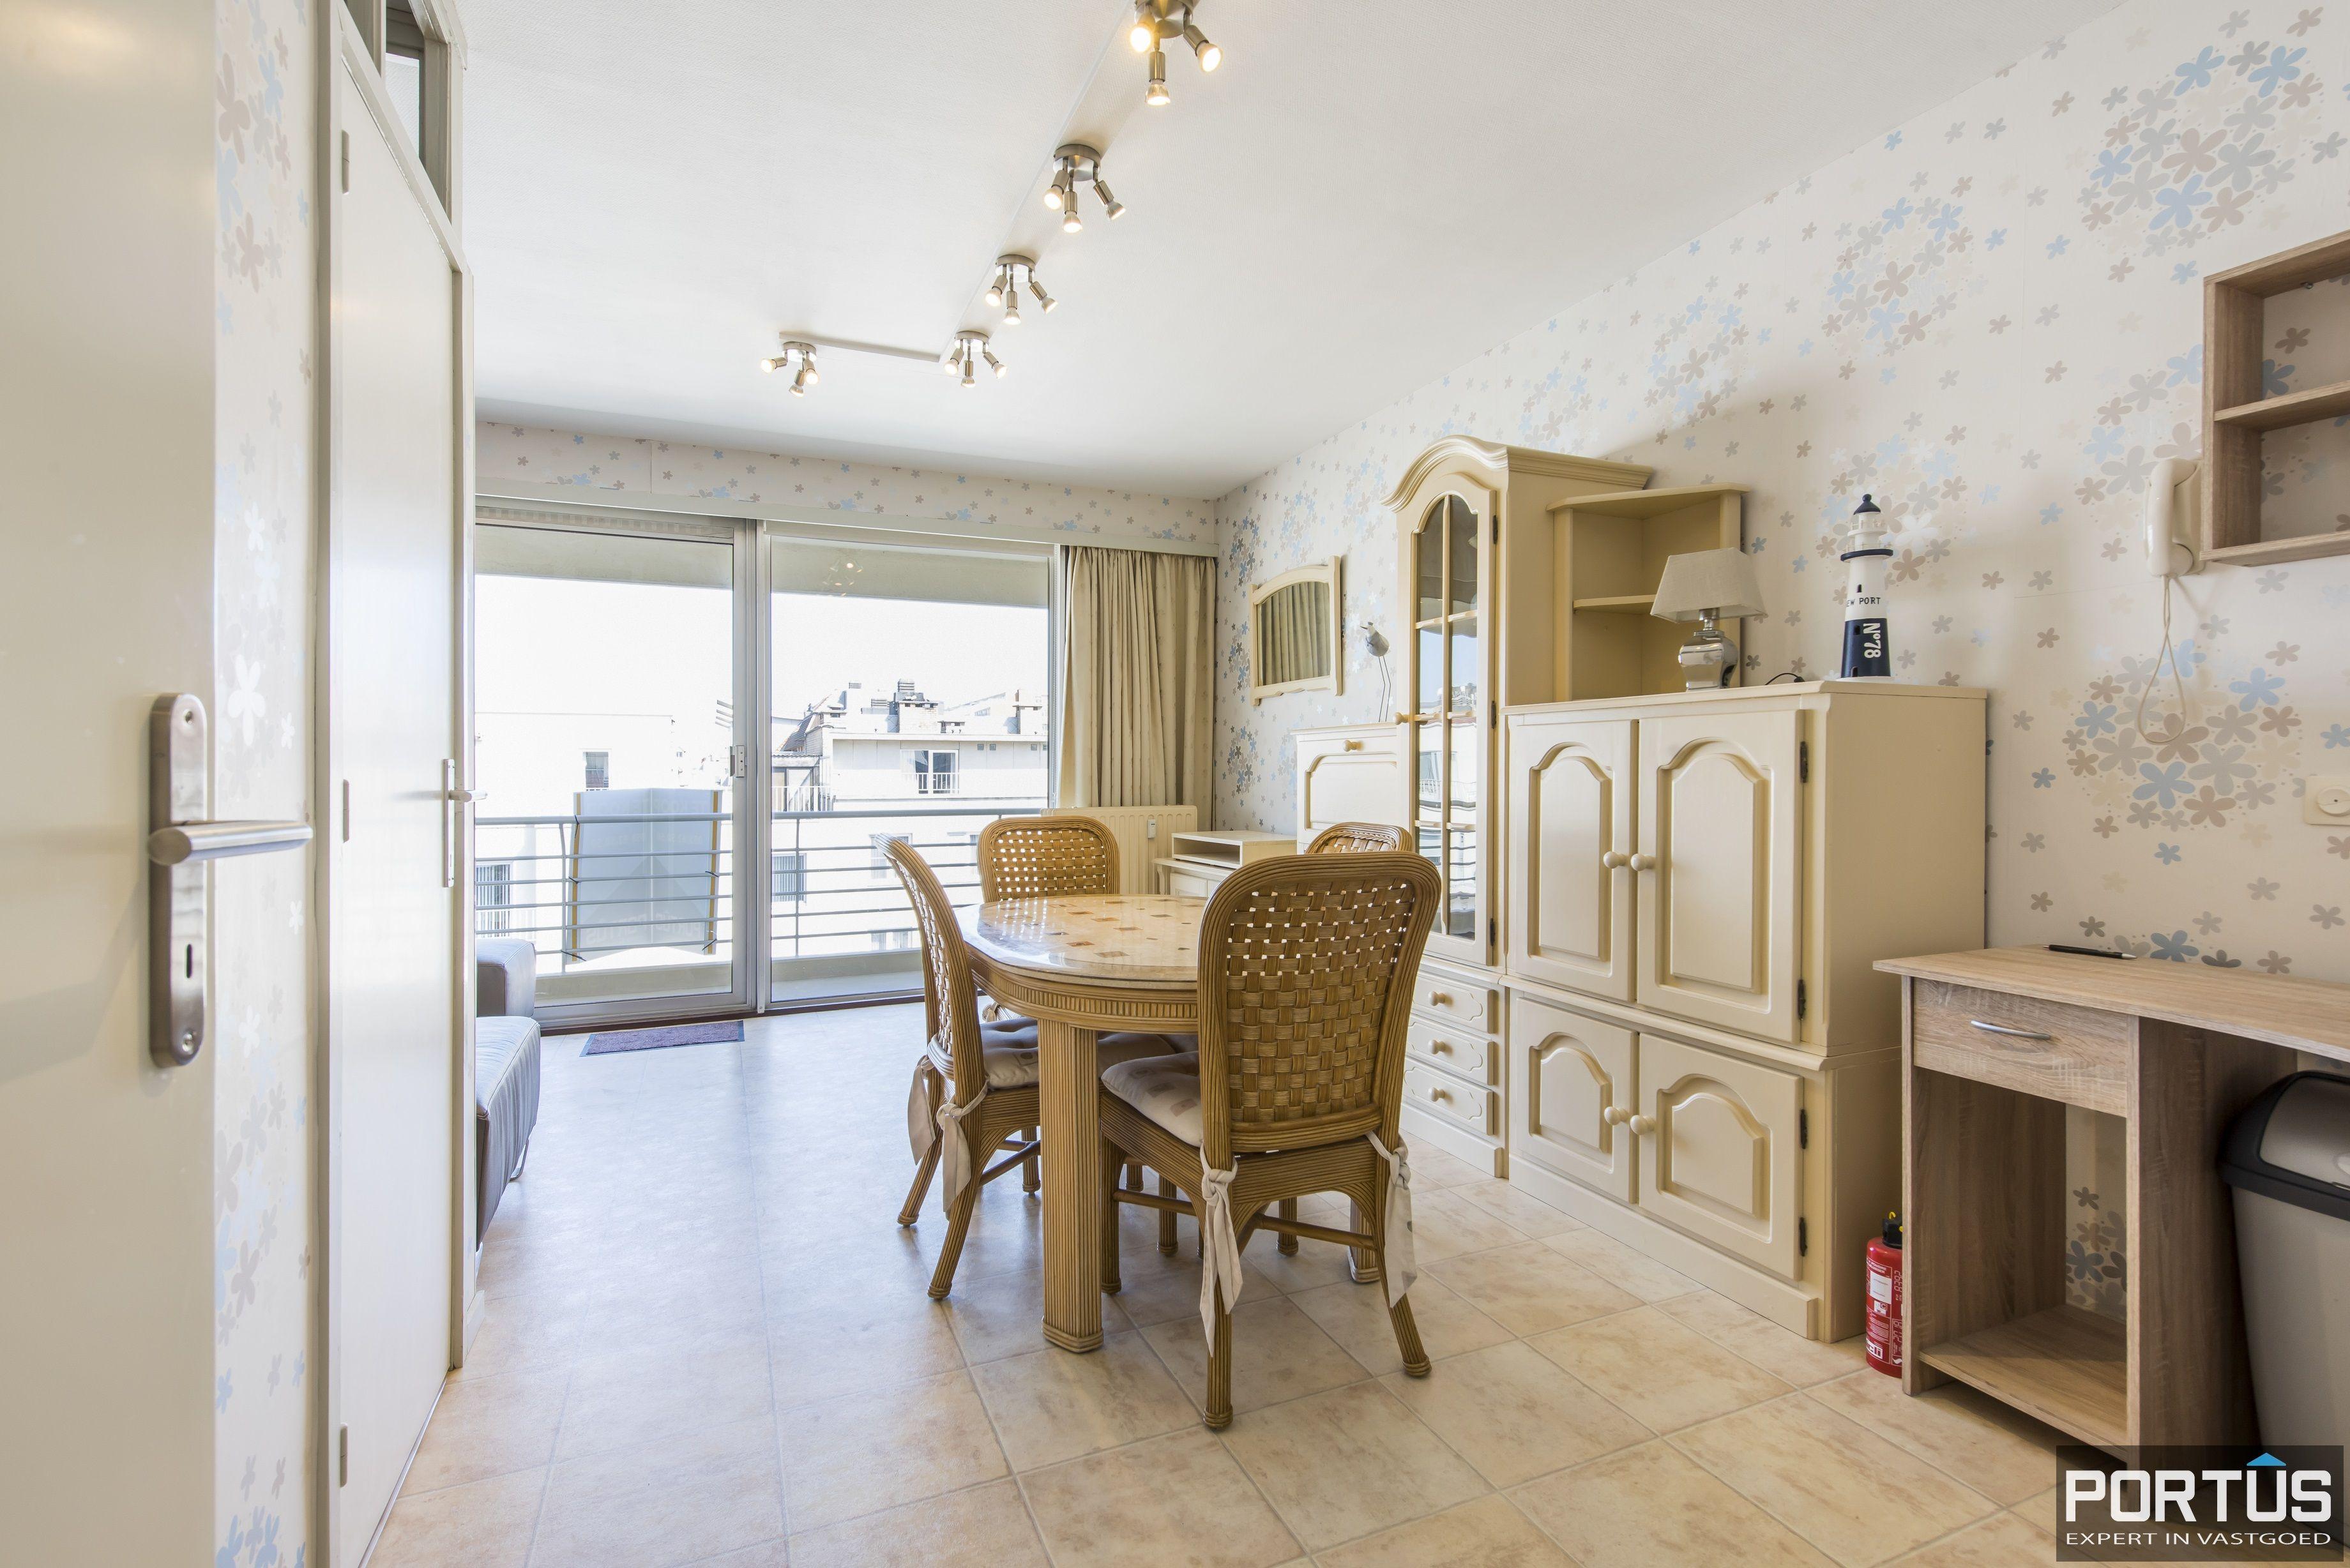 Instapklaar 1 slaapkamer appartement met ruim terras met zijdelings zeezicht te koop - 9547